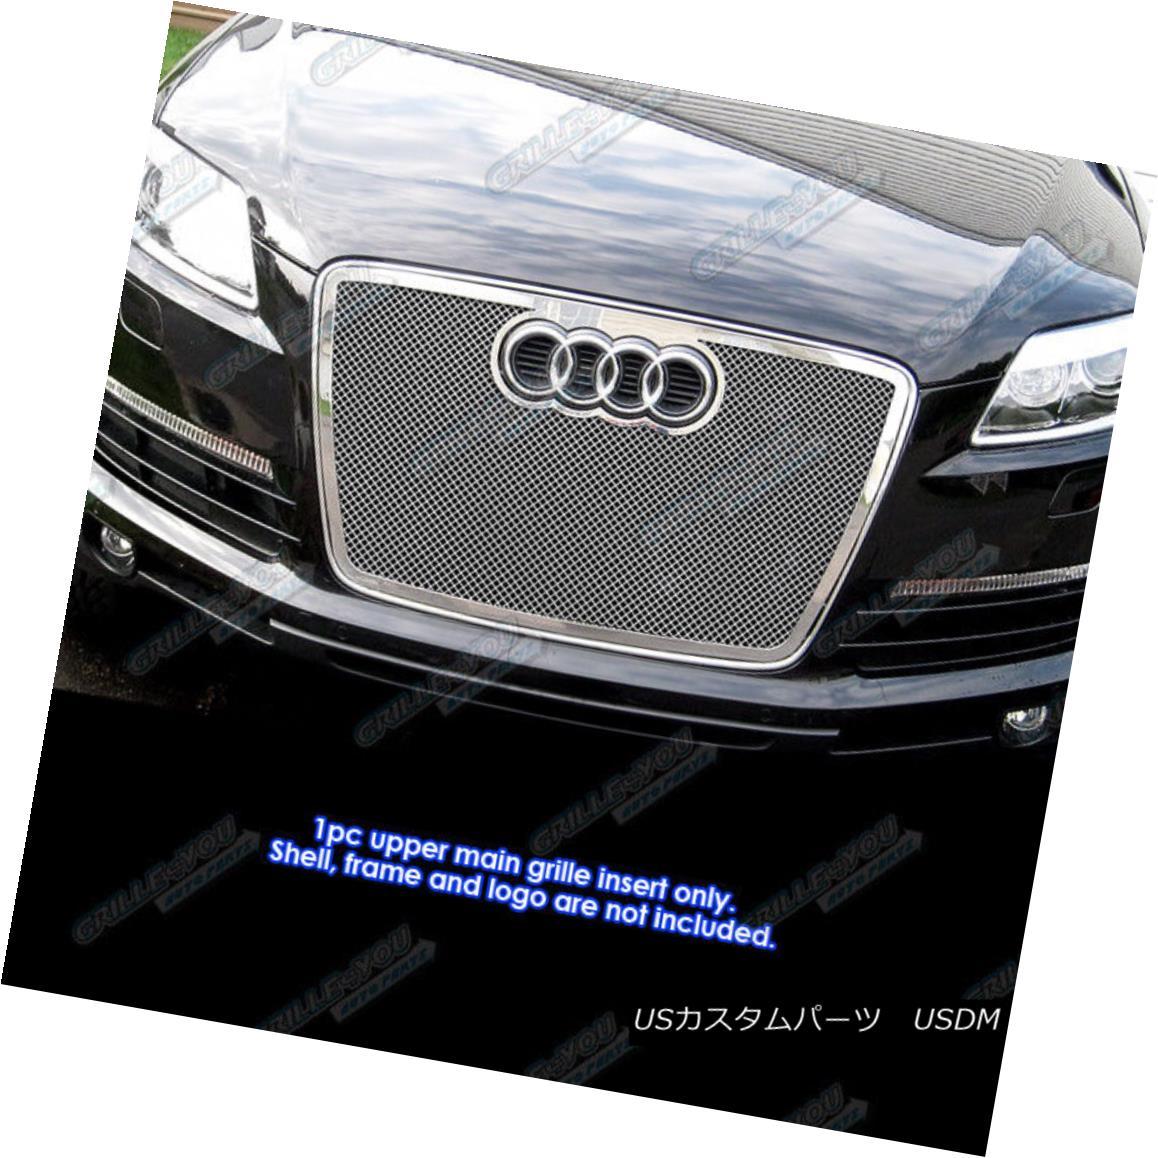 グリル Fits 2007-2009 Audi Q7 Stainless Steel Mesh Grille Insert 2007?2009年のアウディQ7ステンレスメッシュグリルインサートに適合